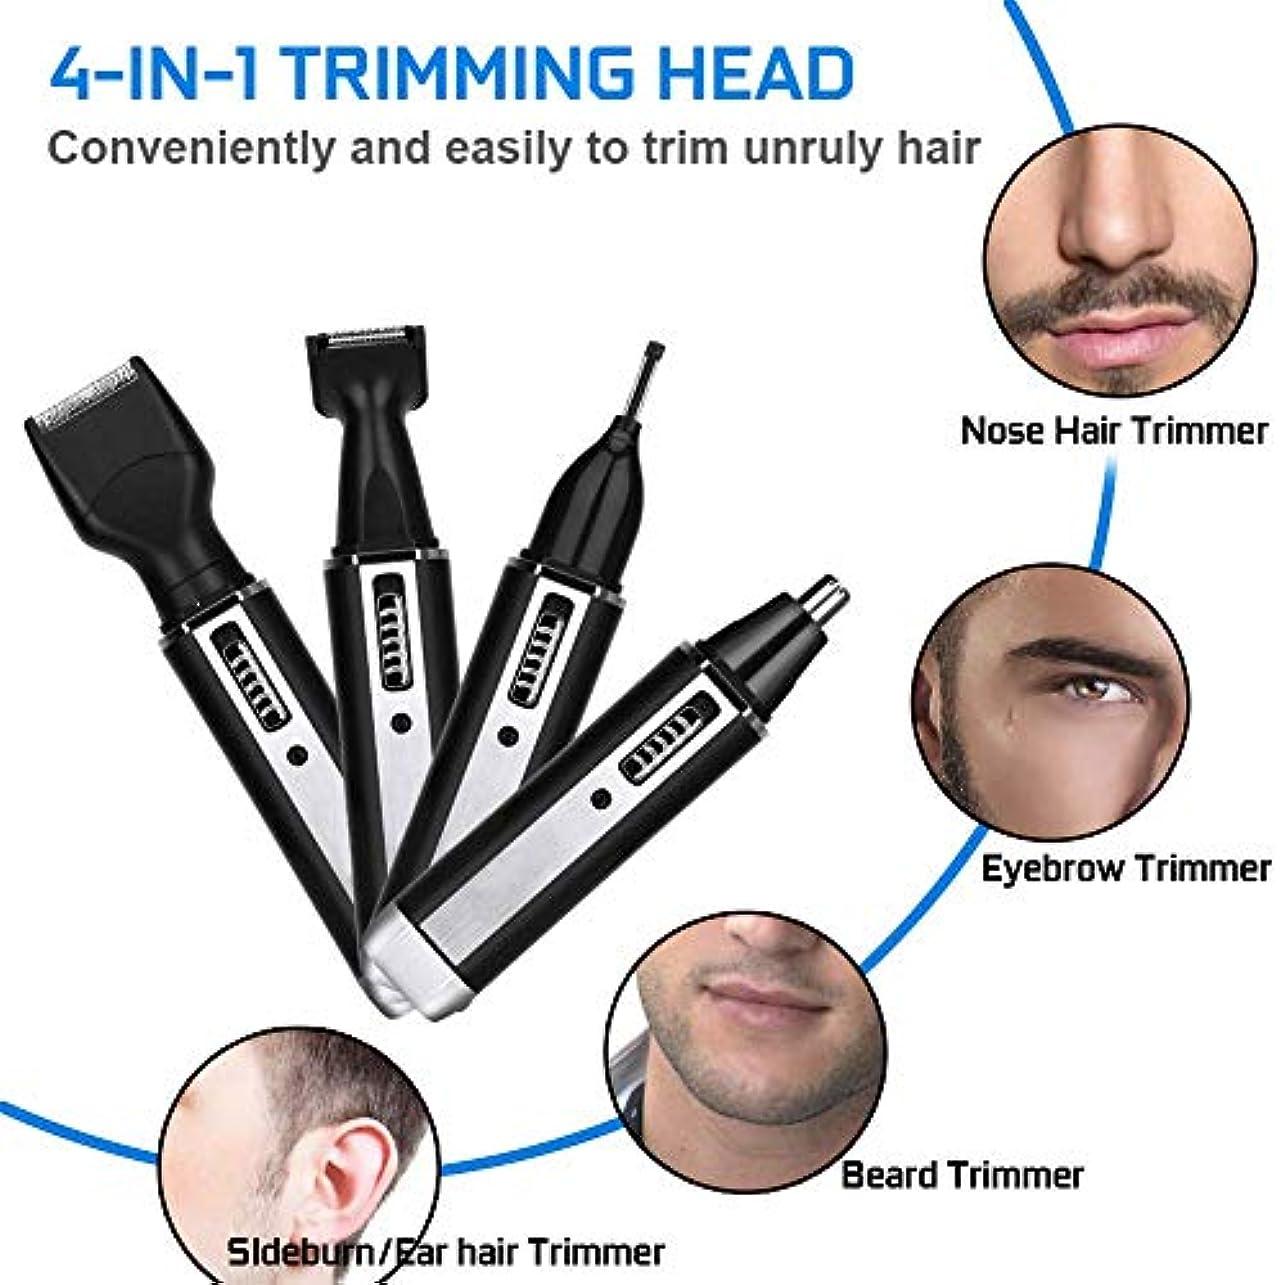 次へパイプライン言語鼻毛トリマー - 4in1多機能 ステンレス製 鼻?耳毛カッター 眉シェーバー 耳毛カッター 充電式 女兼用携帯便利